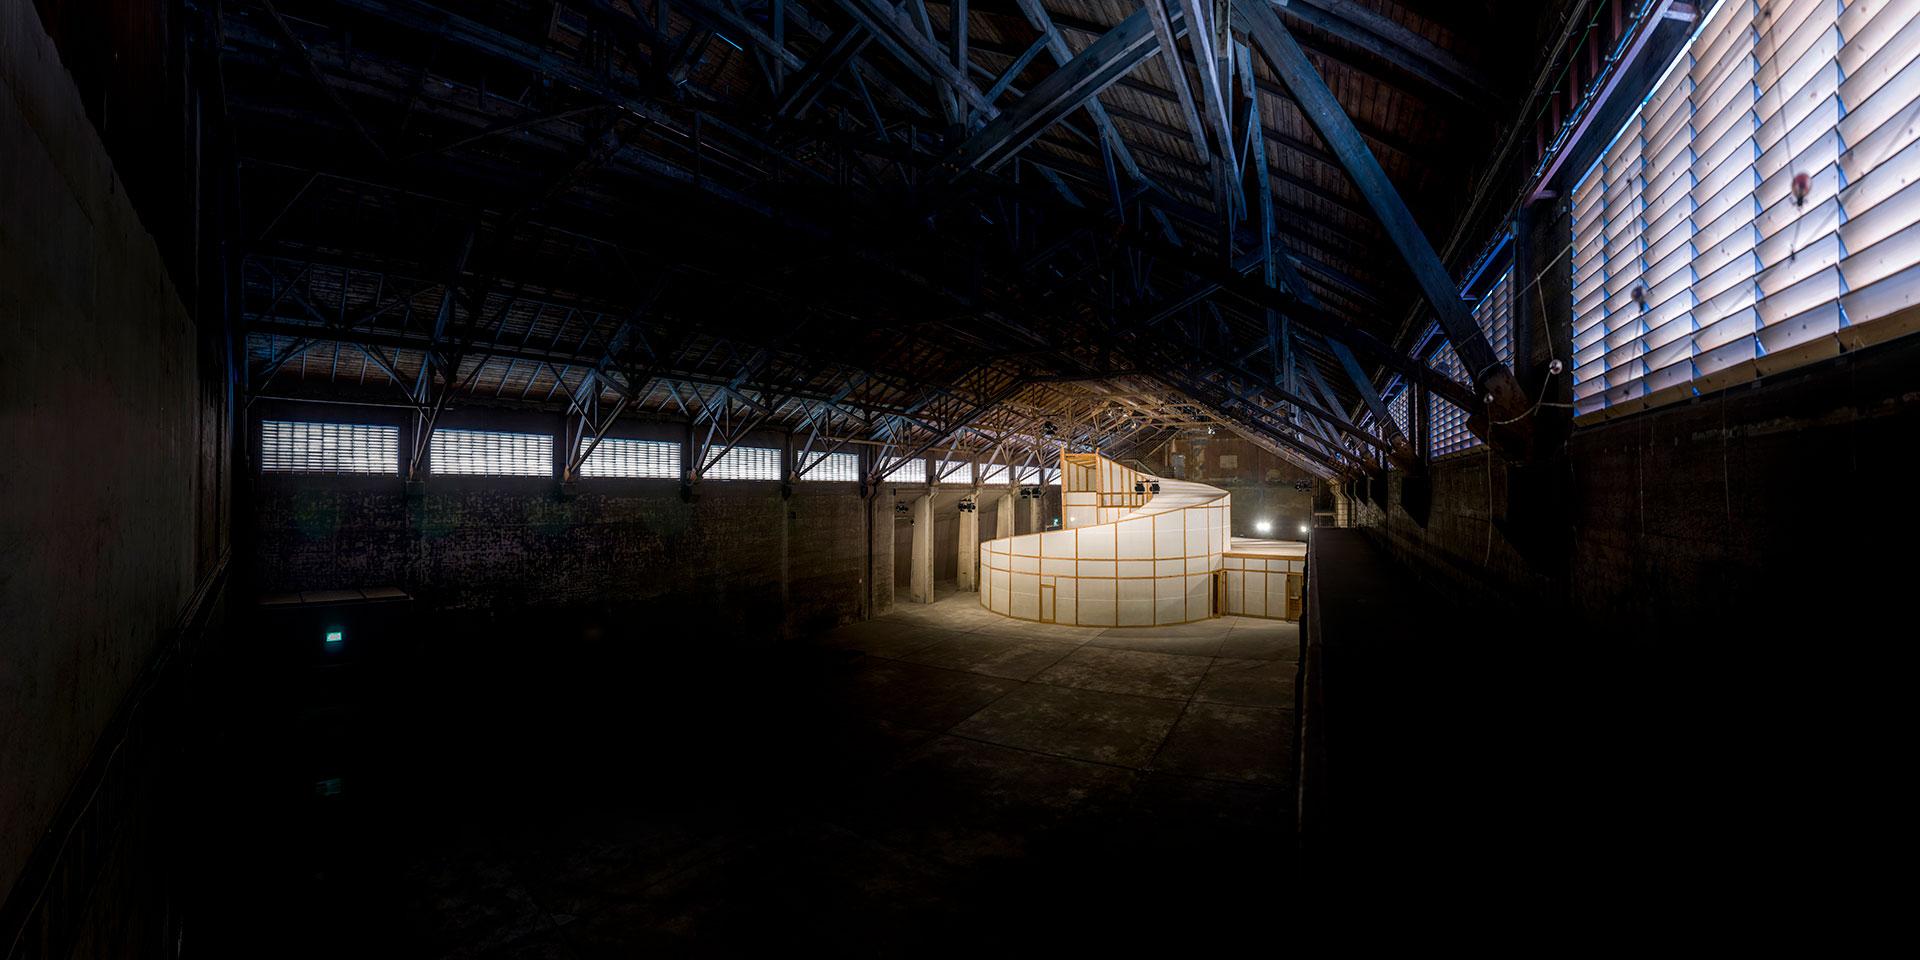 Palast der Projekte - Salzlager Kokerei Zollverein - Essen